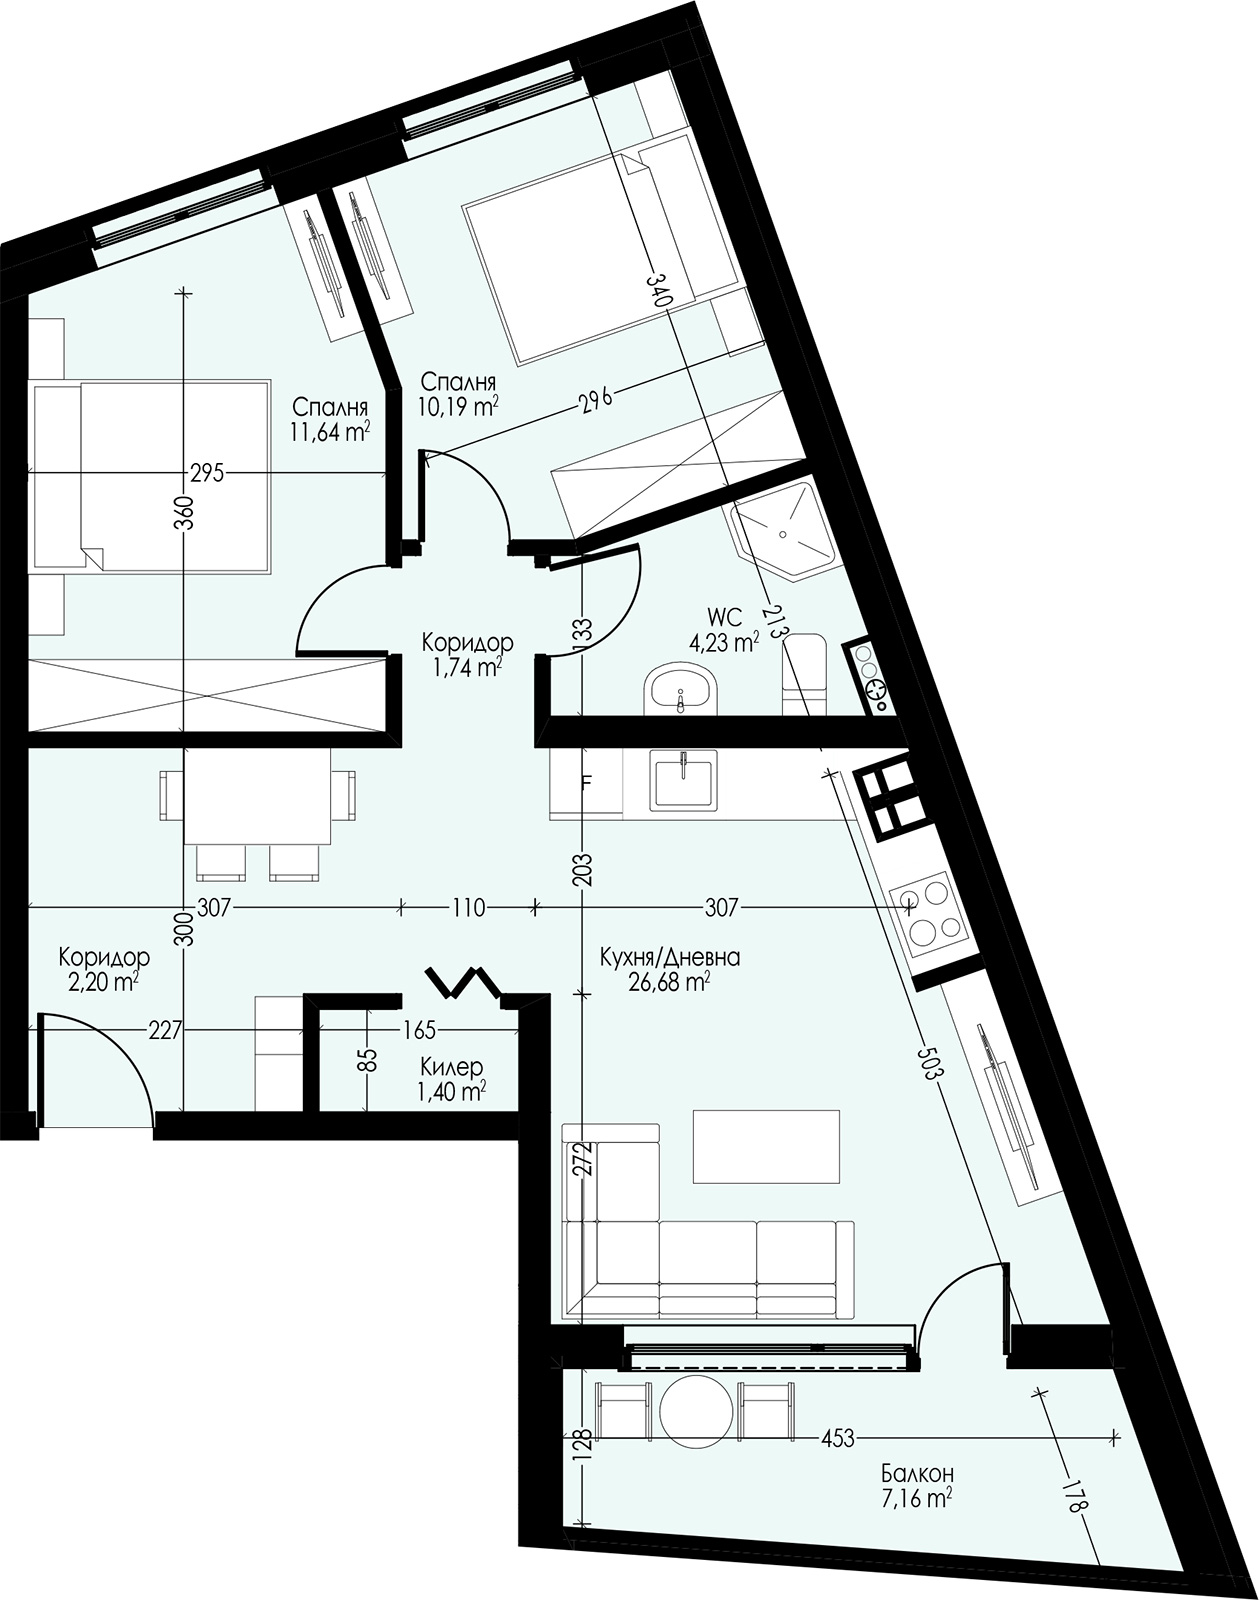 Апартамент 21